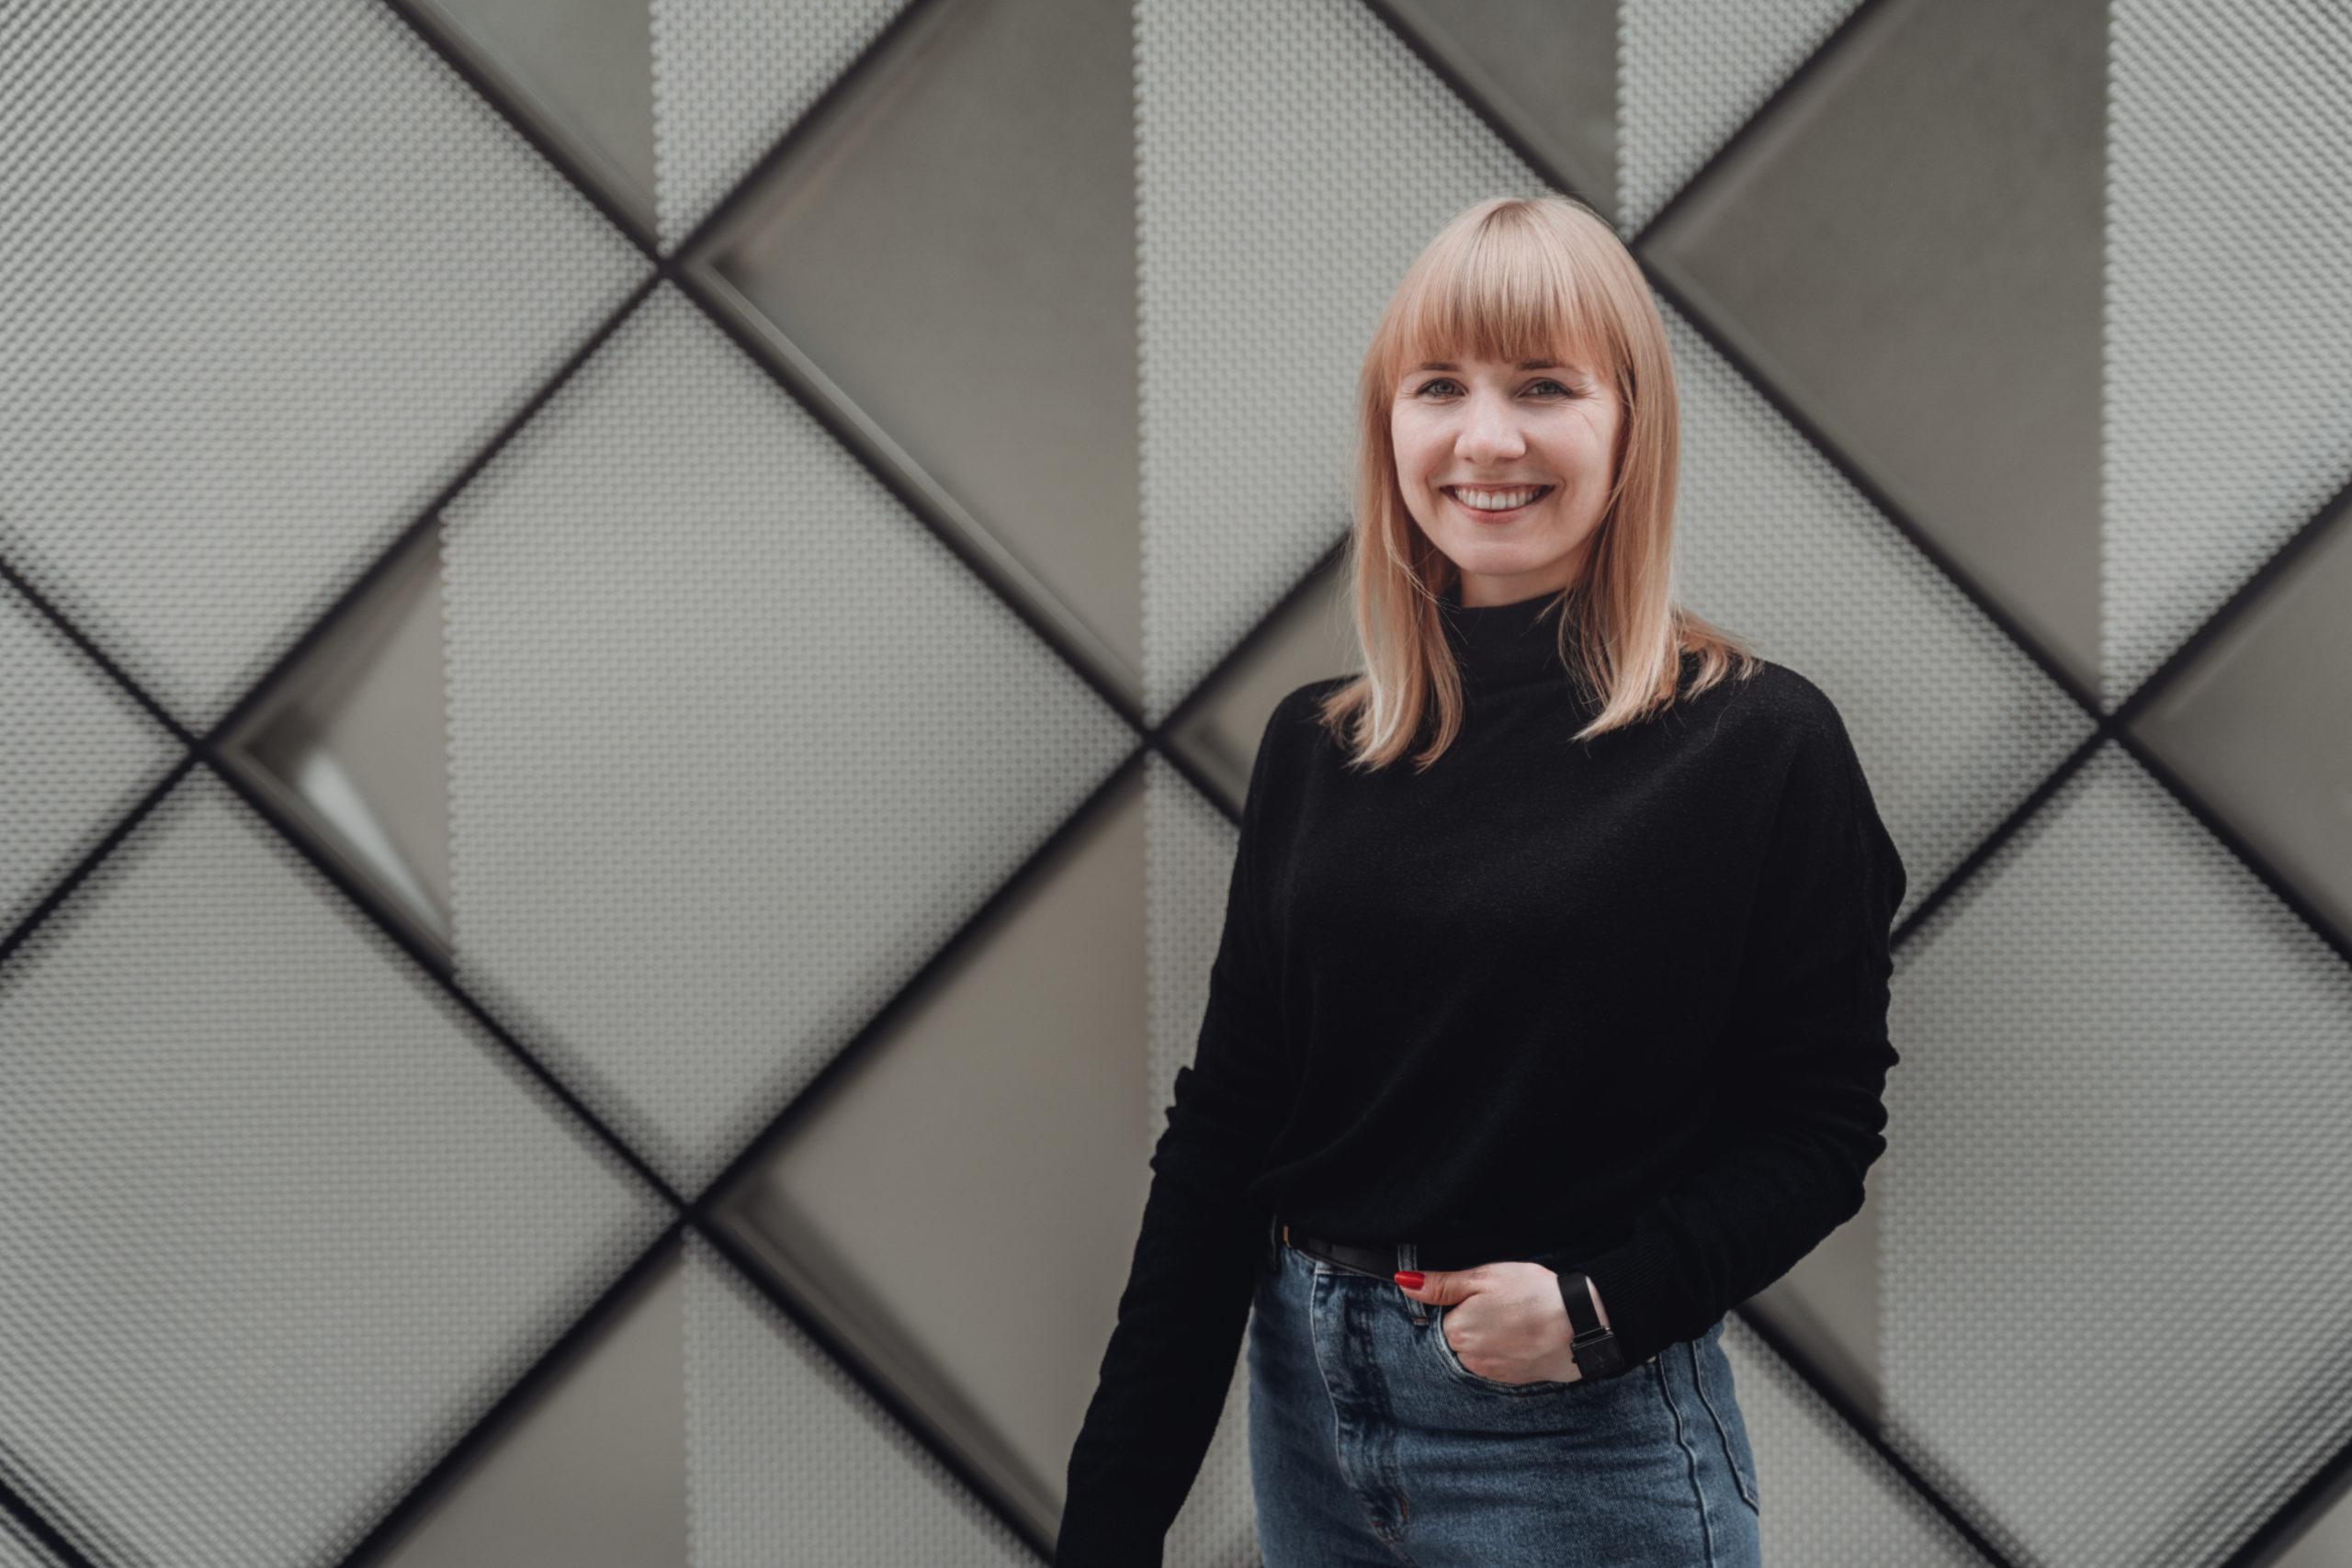 Melanie Wagner, Designerin aus Berlin vor geometrischem Hintergrund